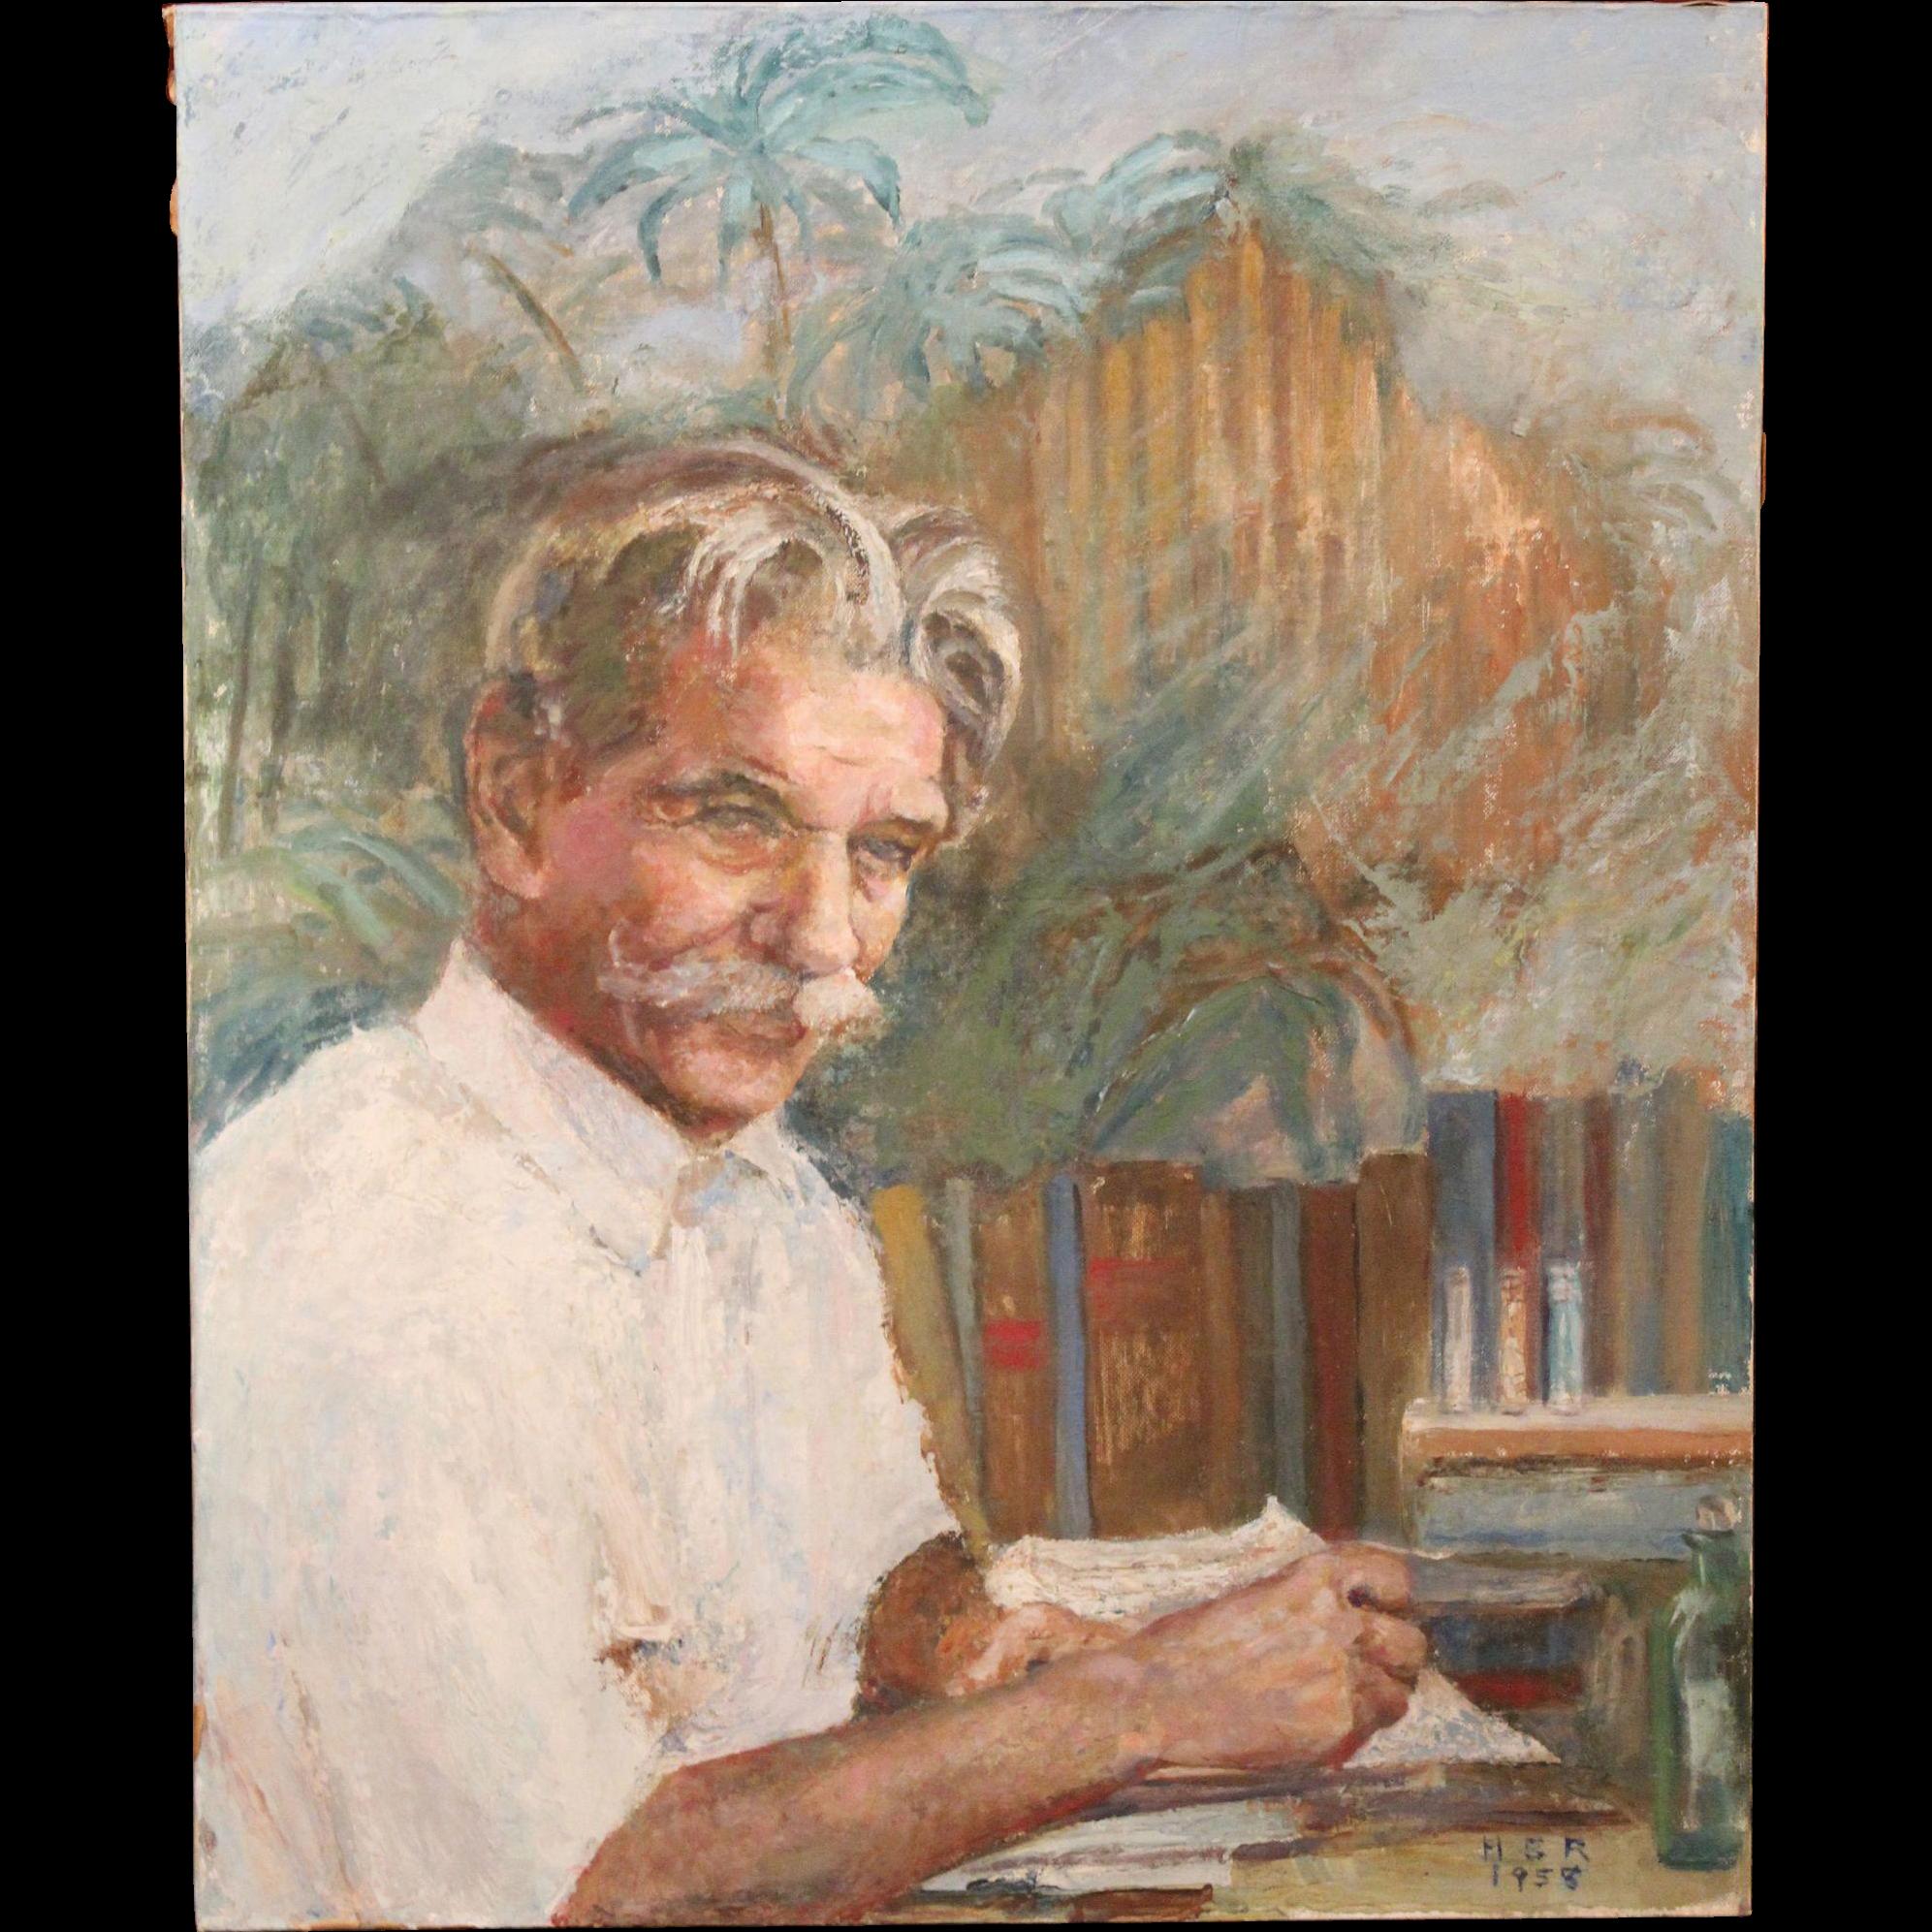 Helen B. Ripley Oil Painting Portrait of Albert Schweitzer 1958